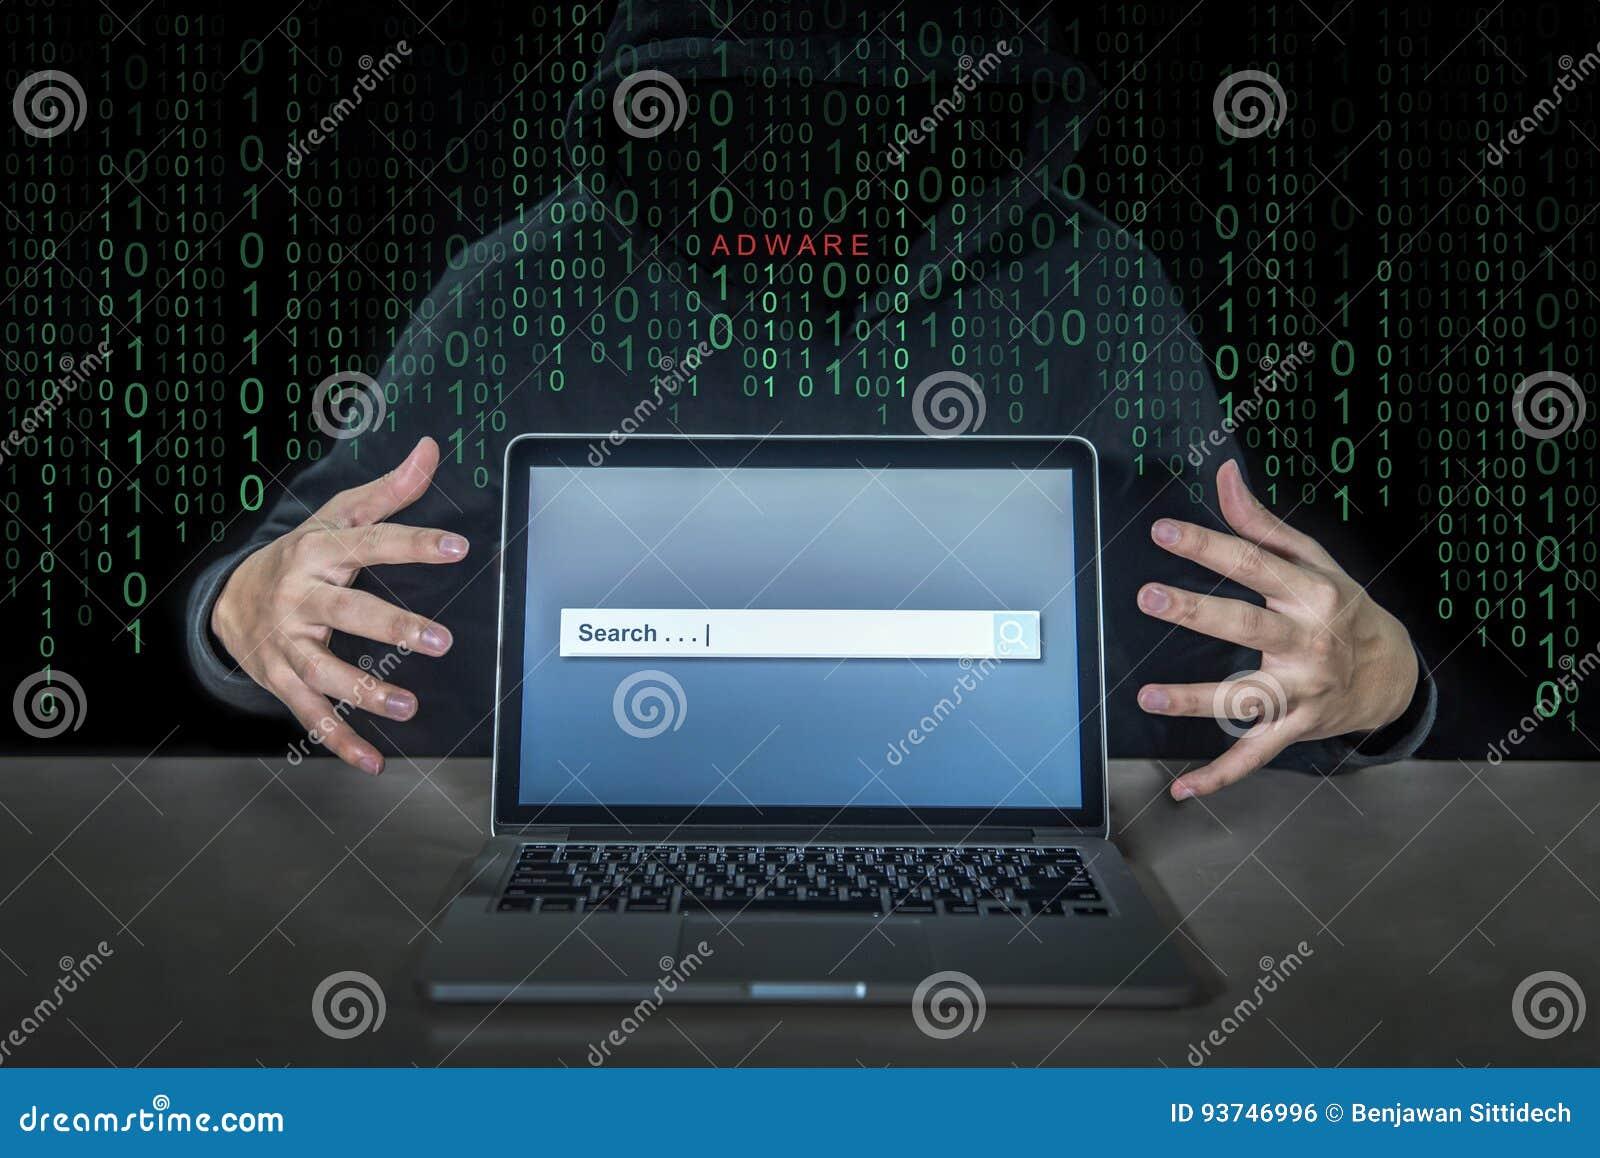 Pirata informático que usa la bola de fuego del adware para controlar el ordenador portátil